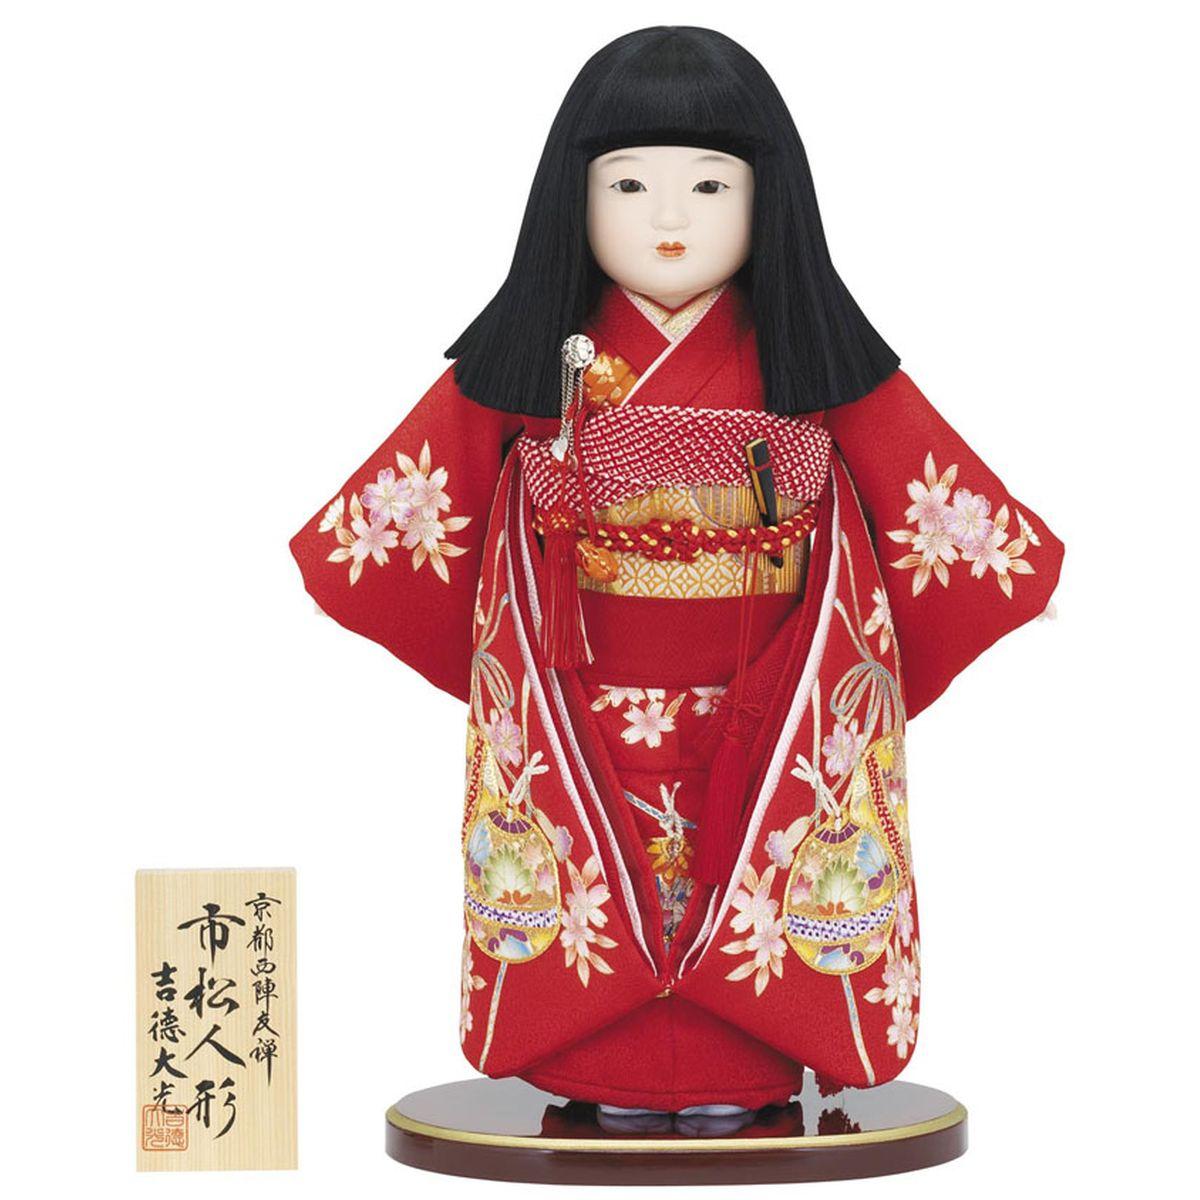 市松人形 雛人形 五月人形 5月人形 お出迎え人形 お祝い人形 初節句 吉徳 送料無料 吉徳大光作 「人形は顔がいのち」の吉徳 「市松人形 12号」(京都西陣友禅仕立) 人形広場